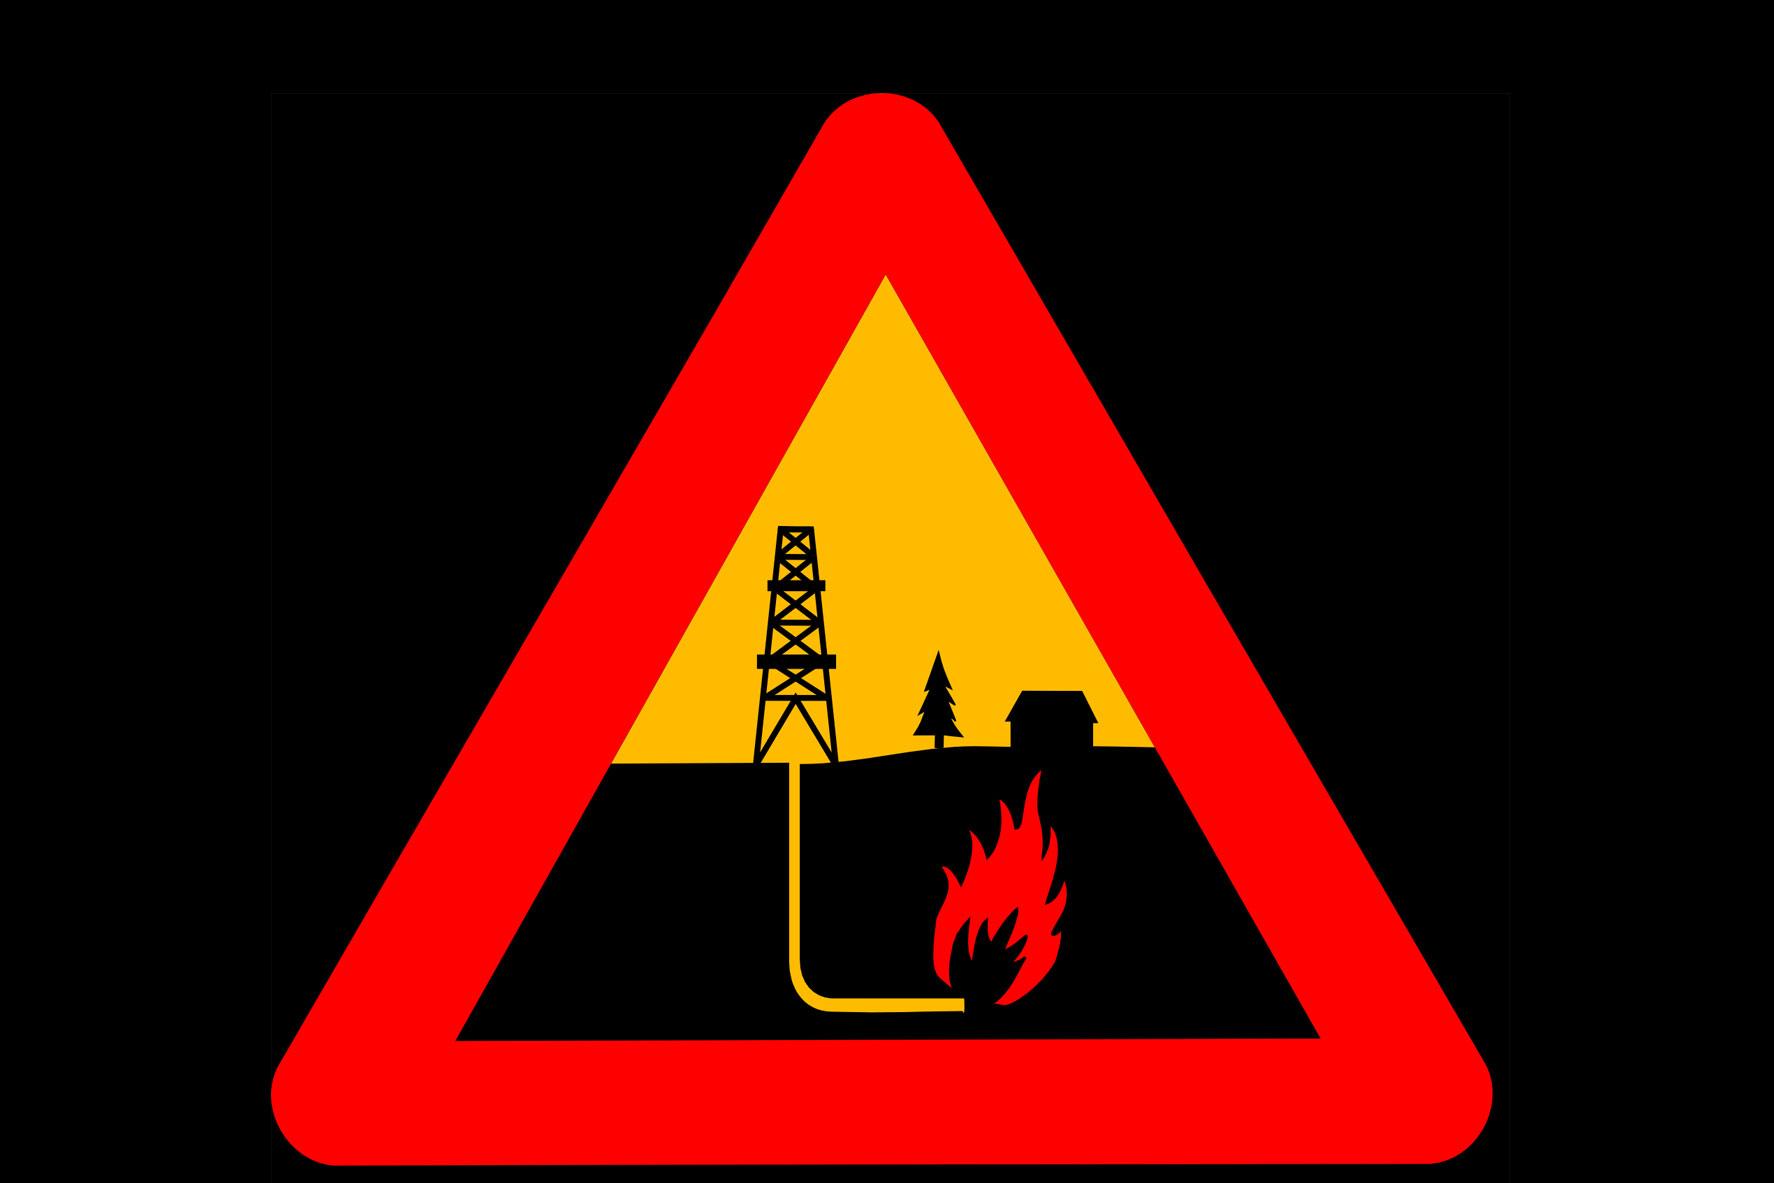 افت قیمت نفت سبب بحران در صنعت نفت شیل آمریکا میشود